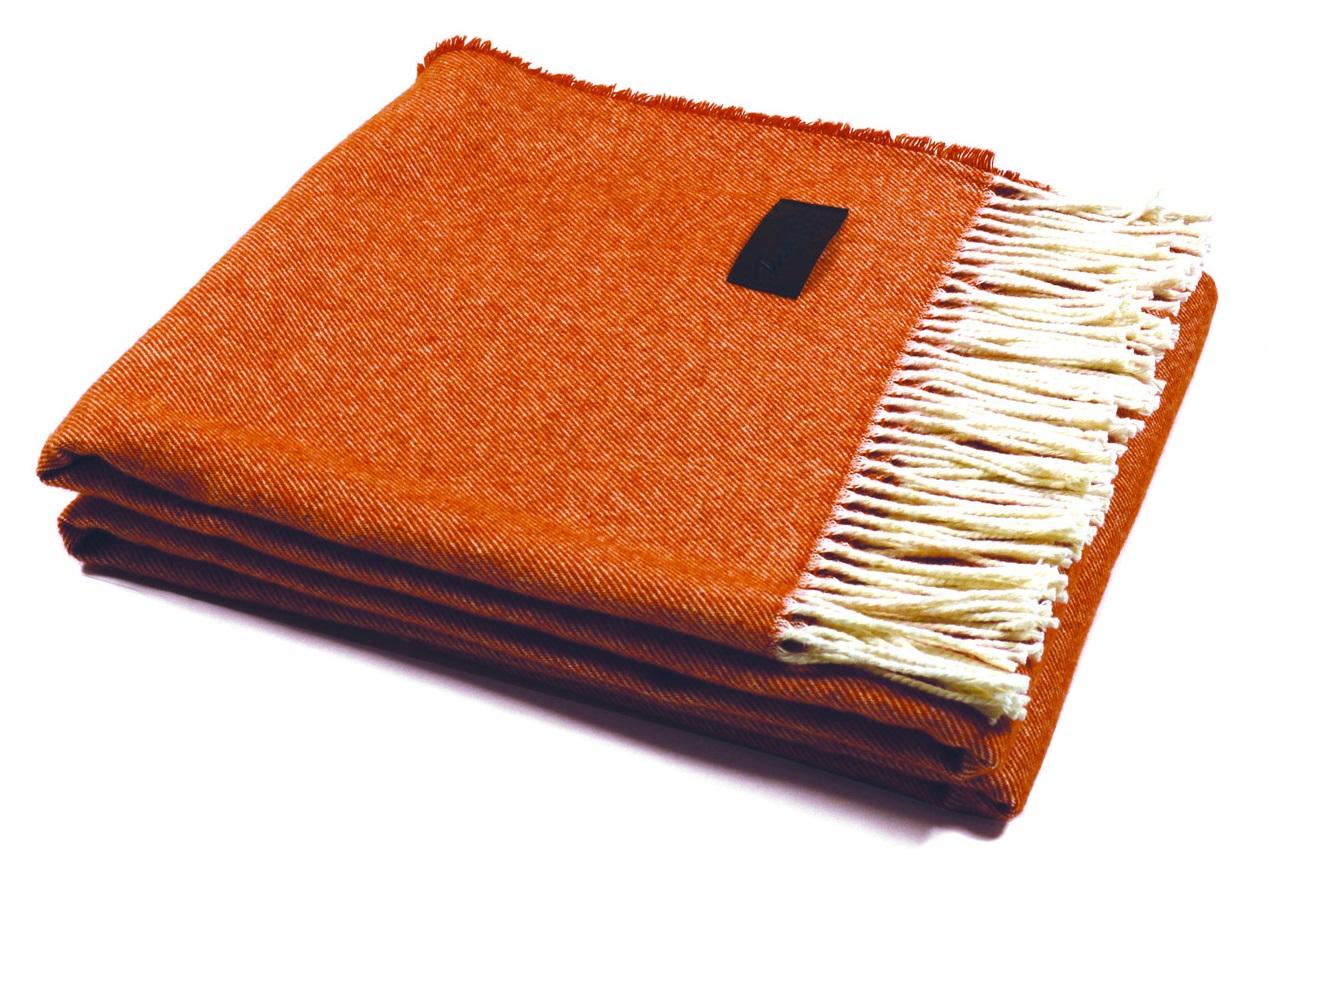 Плед LiverpoolПледы со смешанным составом<br>Современный и оригинальный плед изготовлен  в соответствии с высочайшими стандартами качества. Текстура ткани придает изделию особую ценность.&amp;amp;nbsp;&amp;lt;div&amp;gt;&amp;lt;br&amp;gt;&amp;lt;/div&amp;gt;&amp;lt;div&amp;gt;Размер: 130 / 180                                                                                                                    Состав: 90% шерсть, 10% хлопок&amp;amp;nbsp;&amp;lt;/div&amp;gt;&amp;lt;div&amp;gt;Уход: сухая чистка, химчистка                                                                     &amp;lt;/div&amp;gt;<br><br>Material: Шерсть<br>Width см: 130<br>Depth см: 180<br>Height см: 0.3